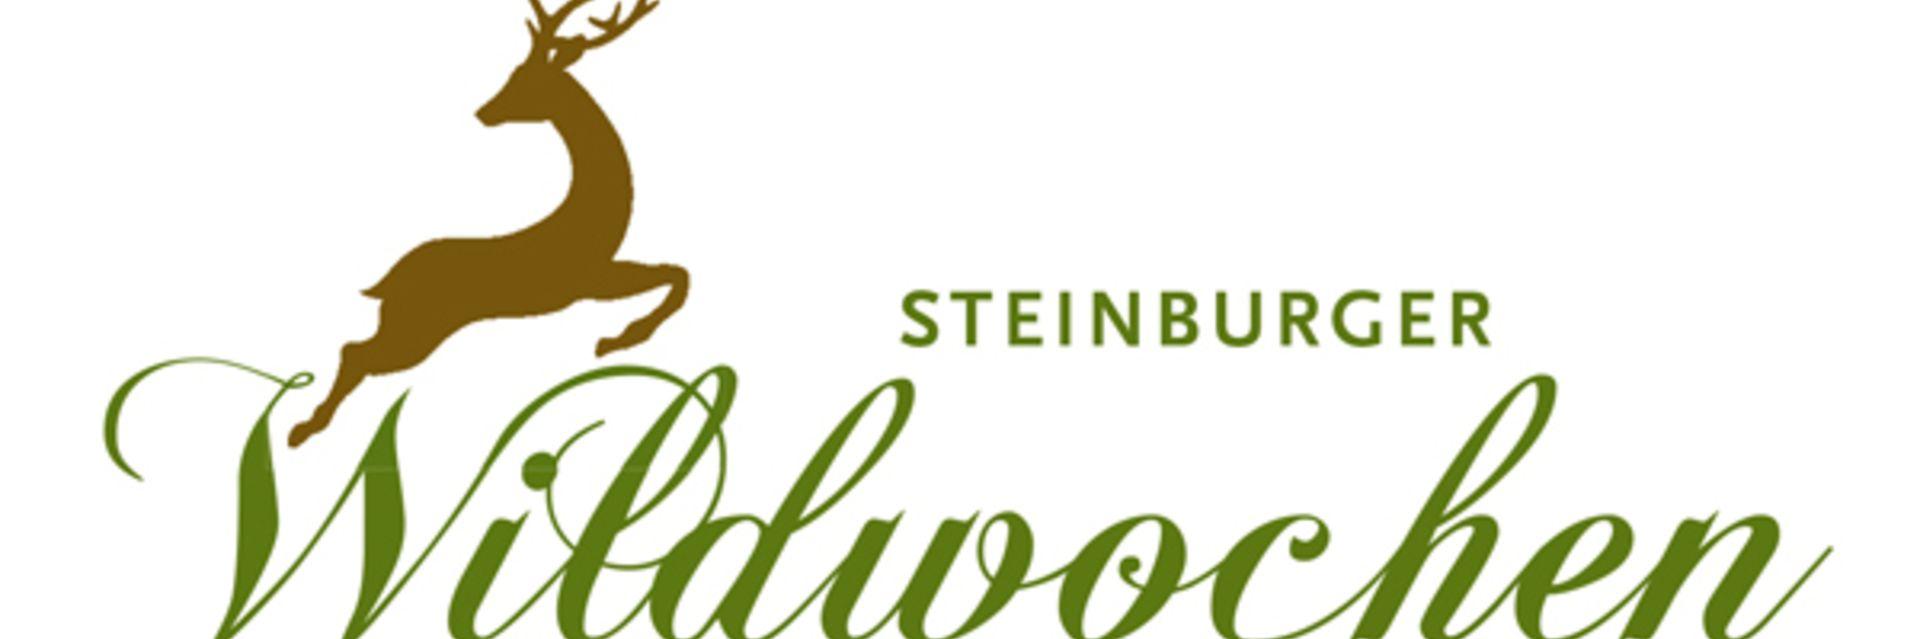 Steinburger Wildwochen